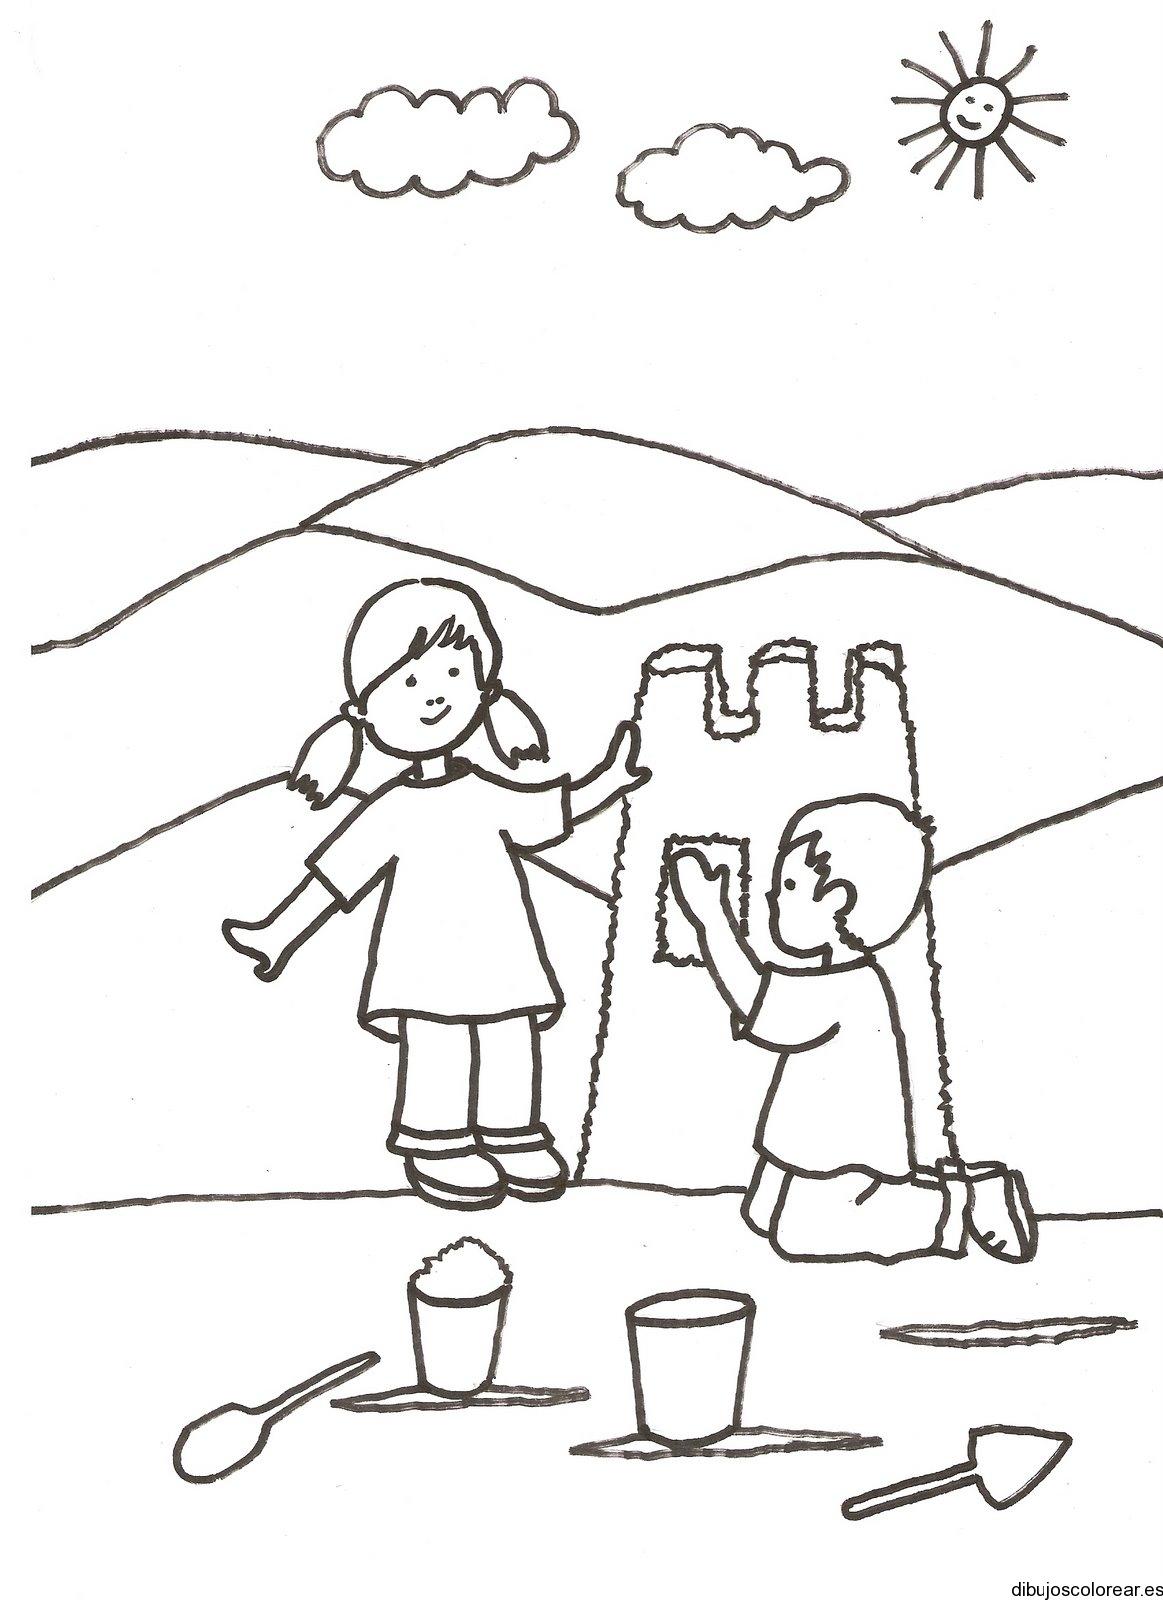 Dibujo de dos niños haciendo un castillo de arena